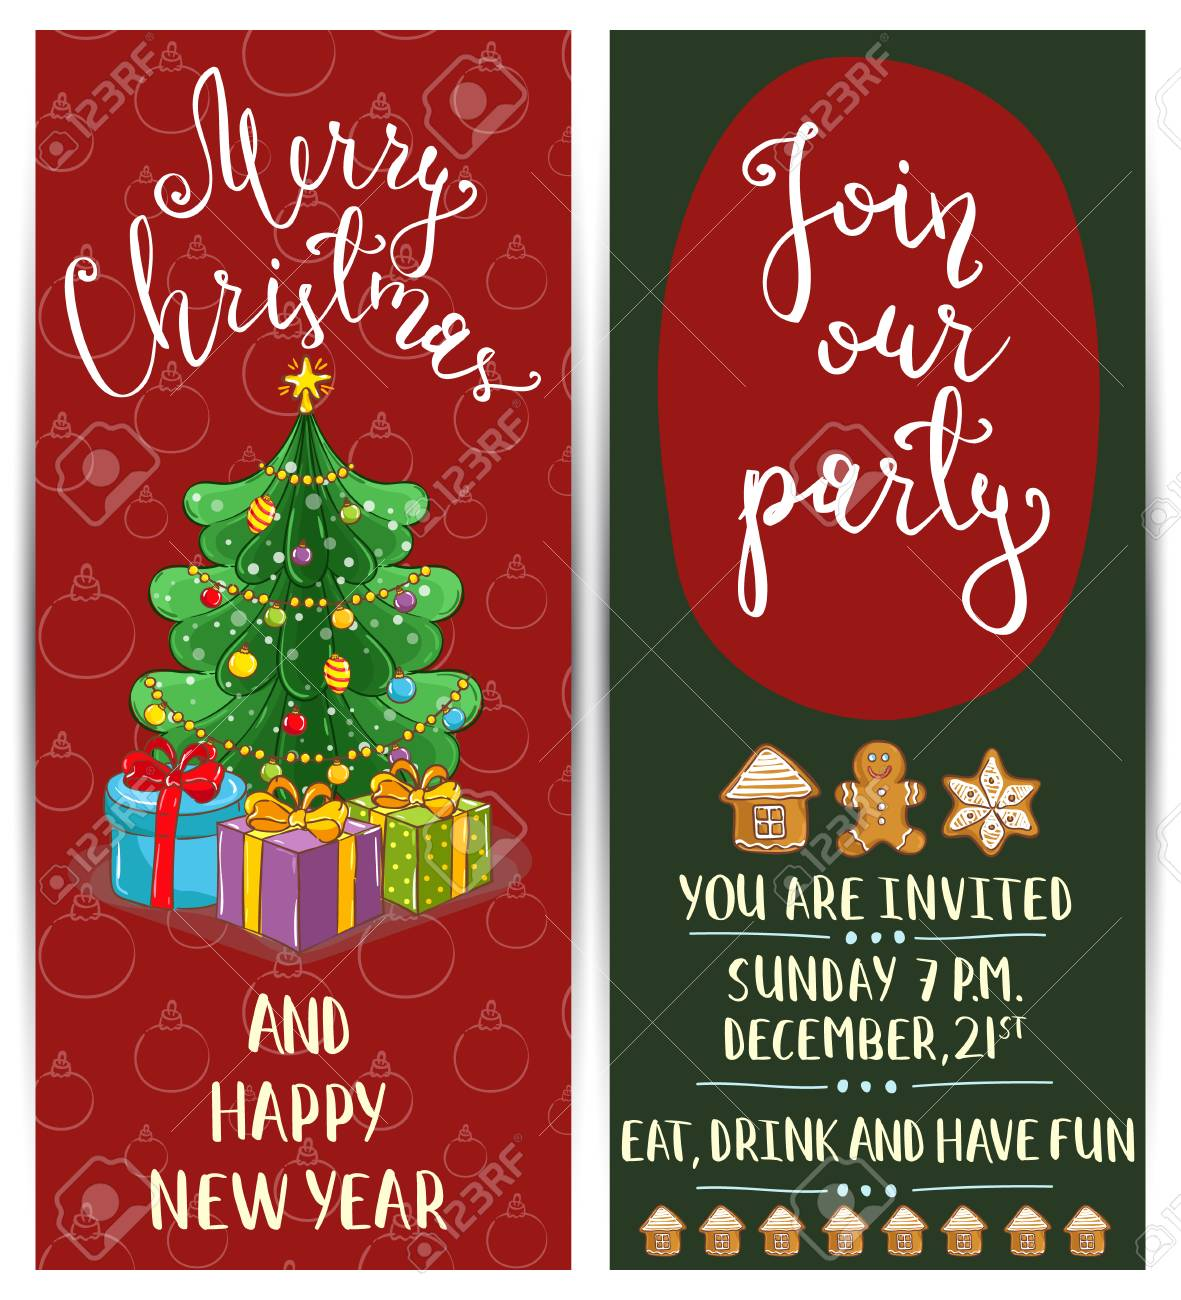 Einladung Weihnachtsfeier Mit Datum Und Uhrzeit. Verpackte Geschenke ...